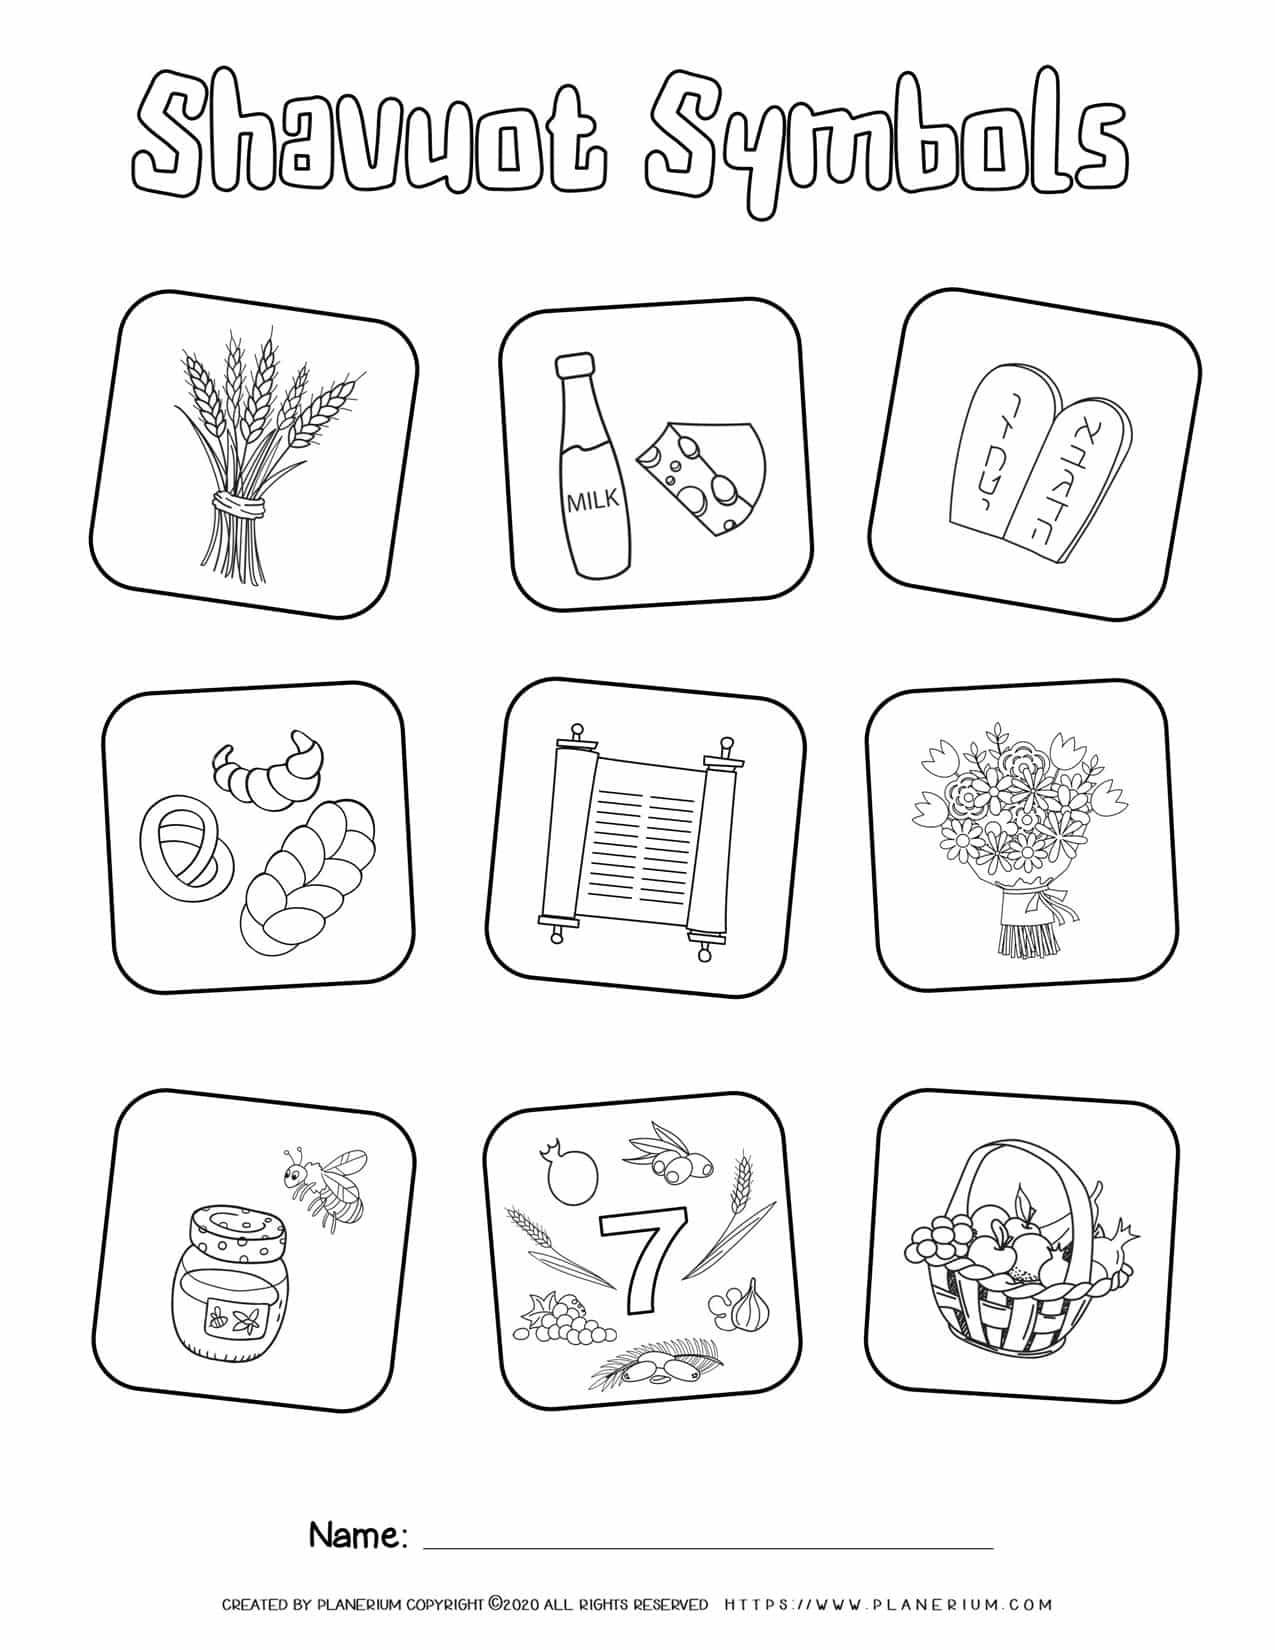 Shavuot Coloring Page - Symbols | Planerium